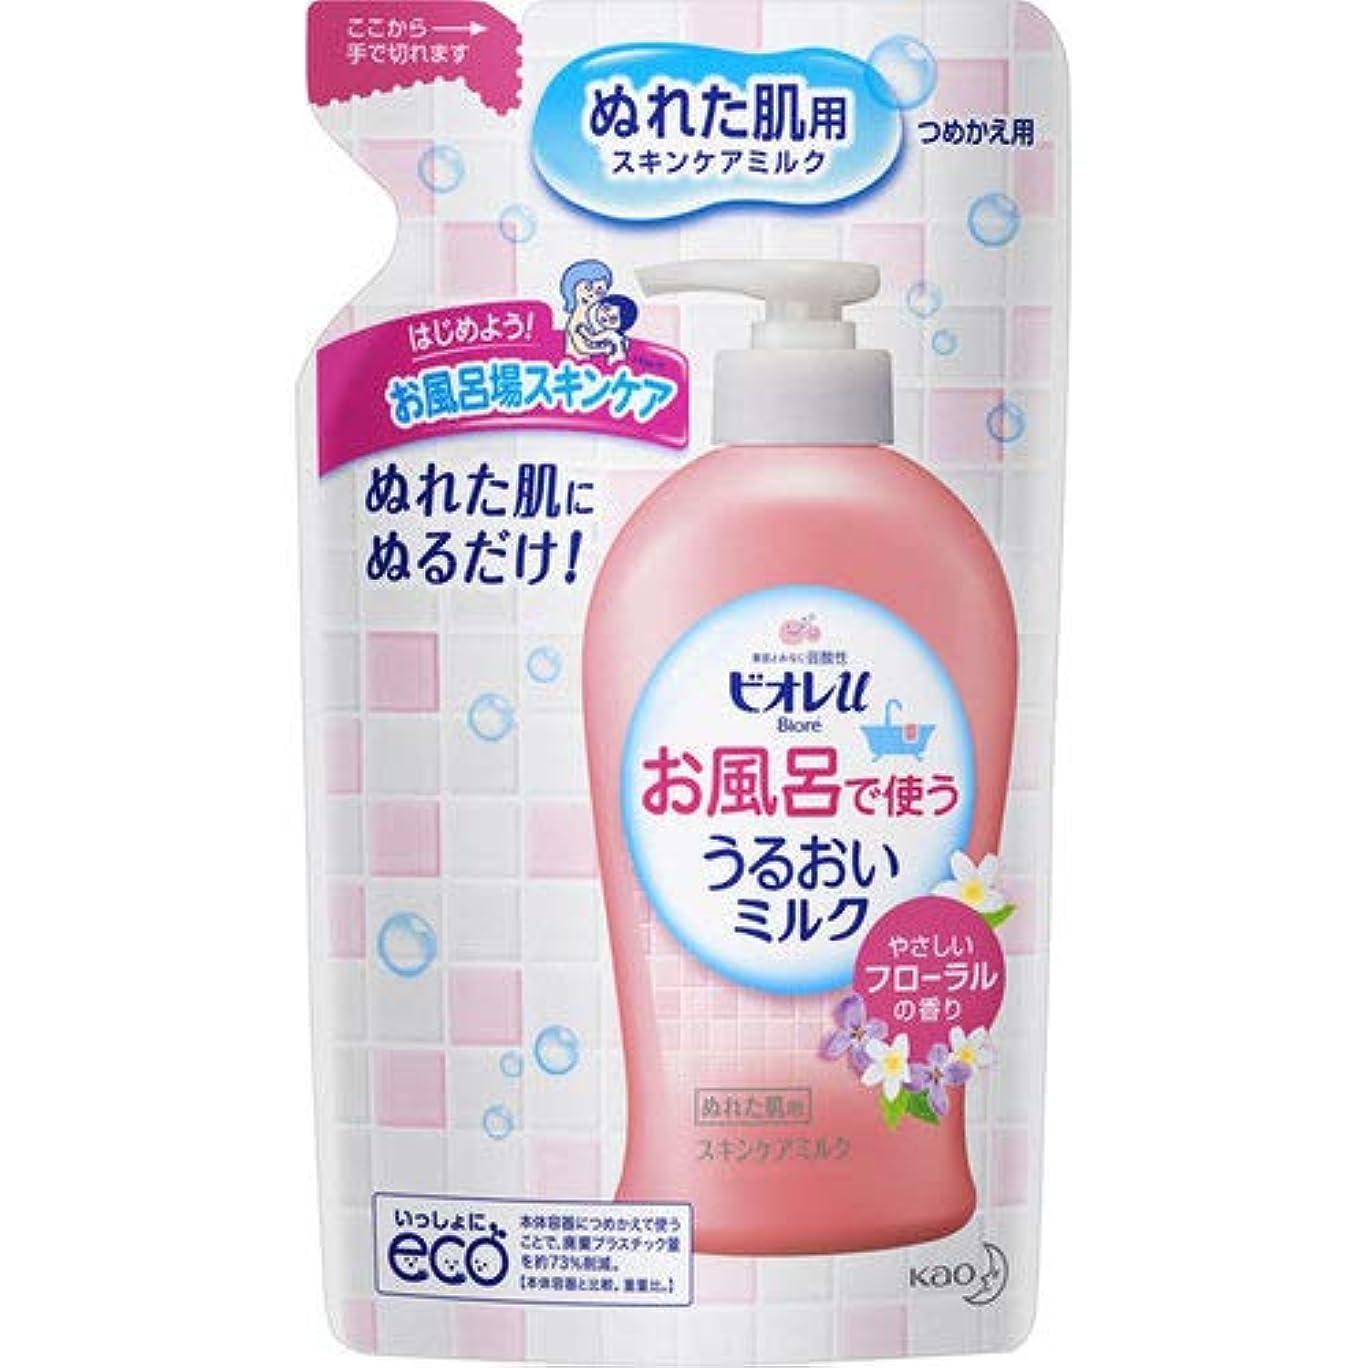 改修冷ややかな下線ビオレu お風呂で使ううるおいミルク フローラル つめかえ用 250mL